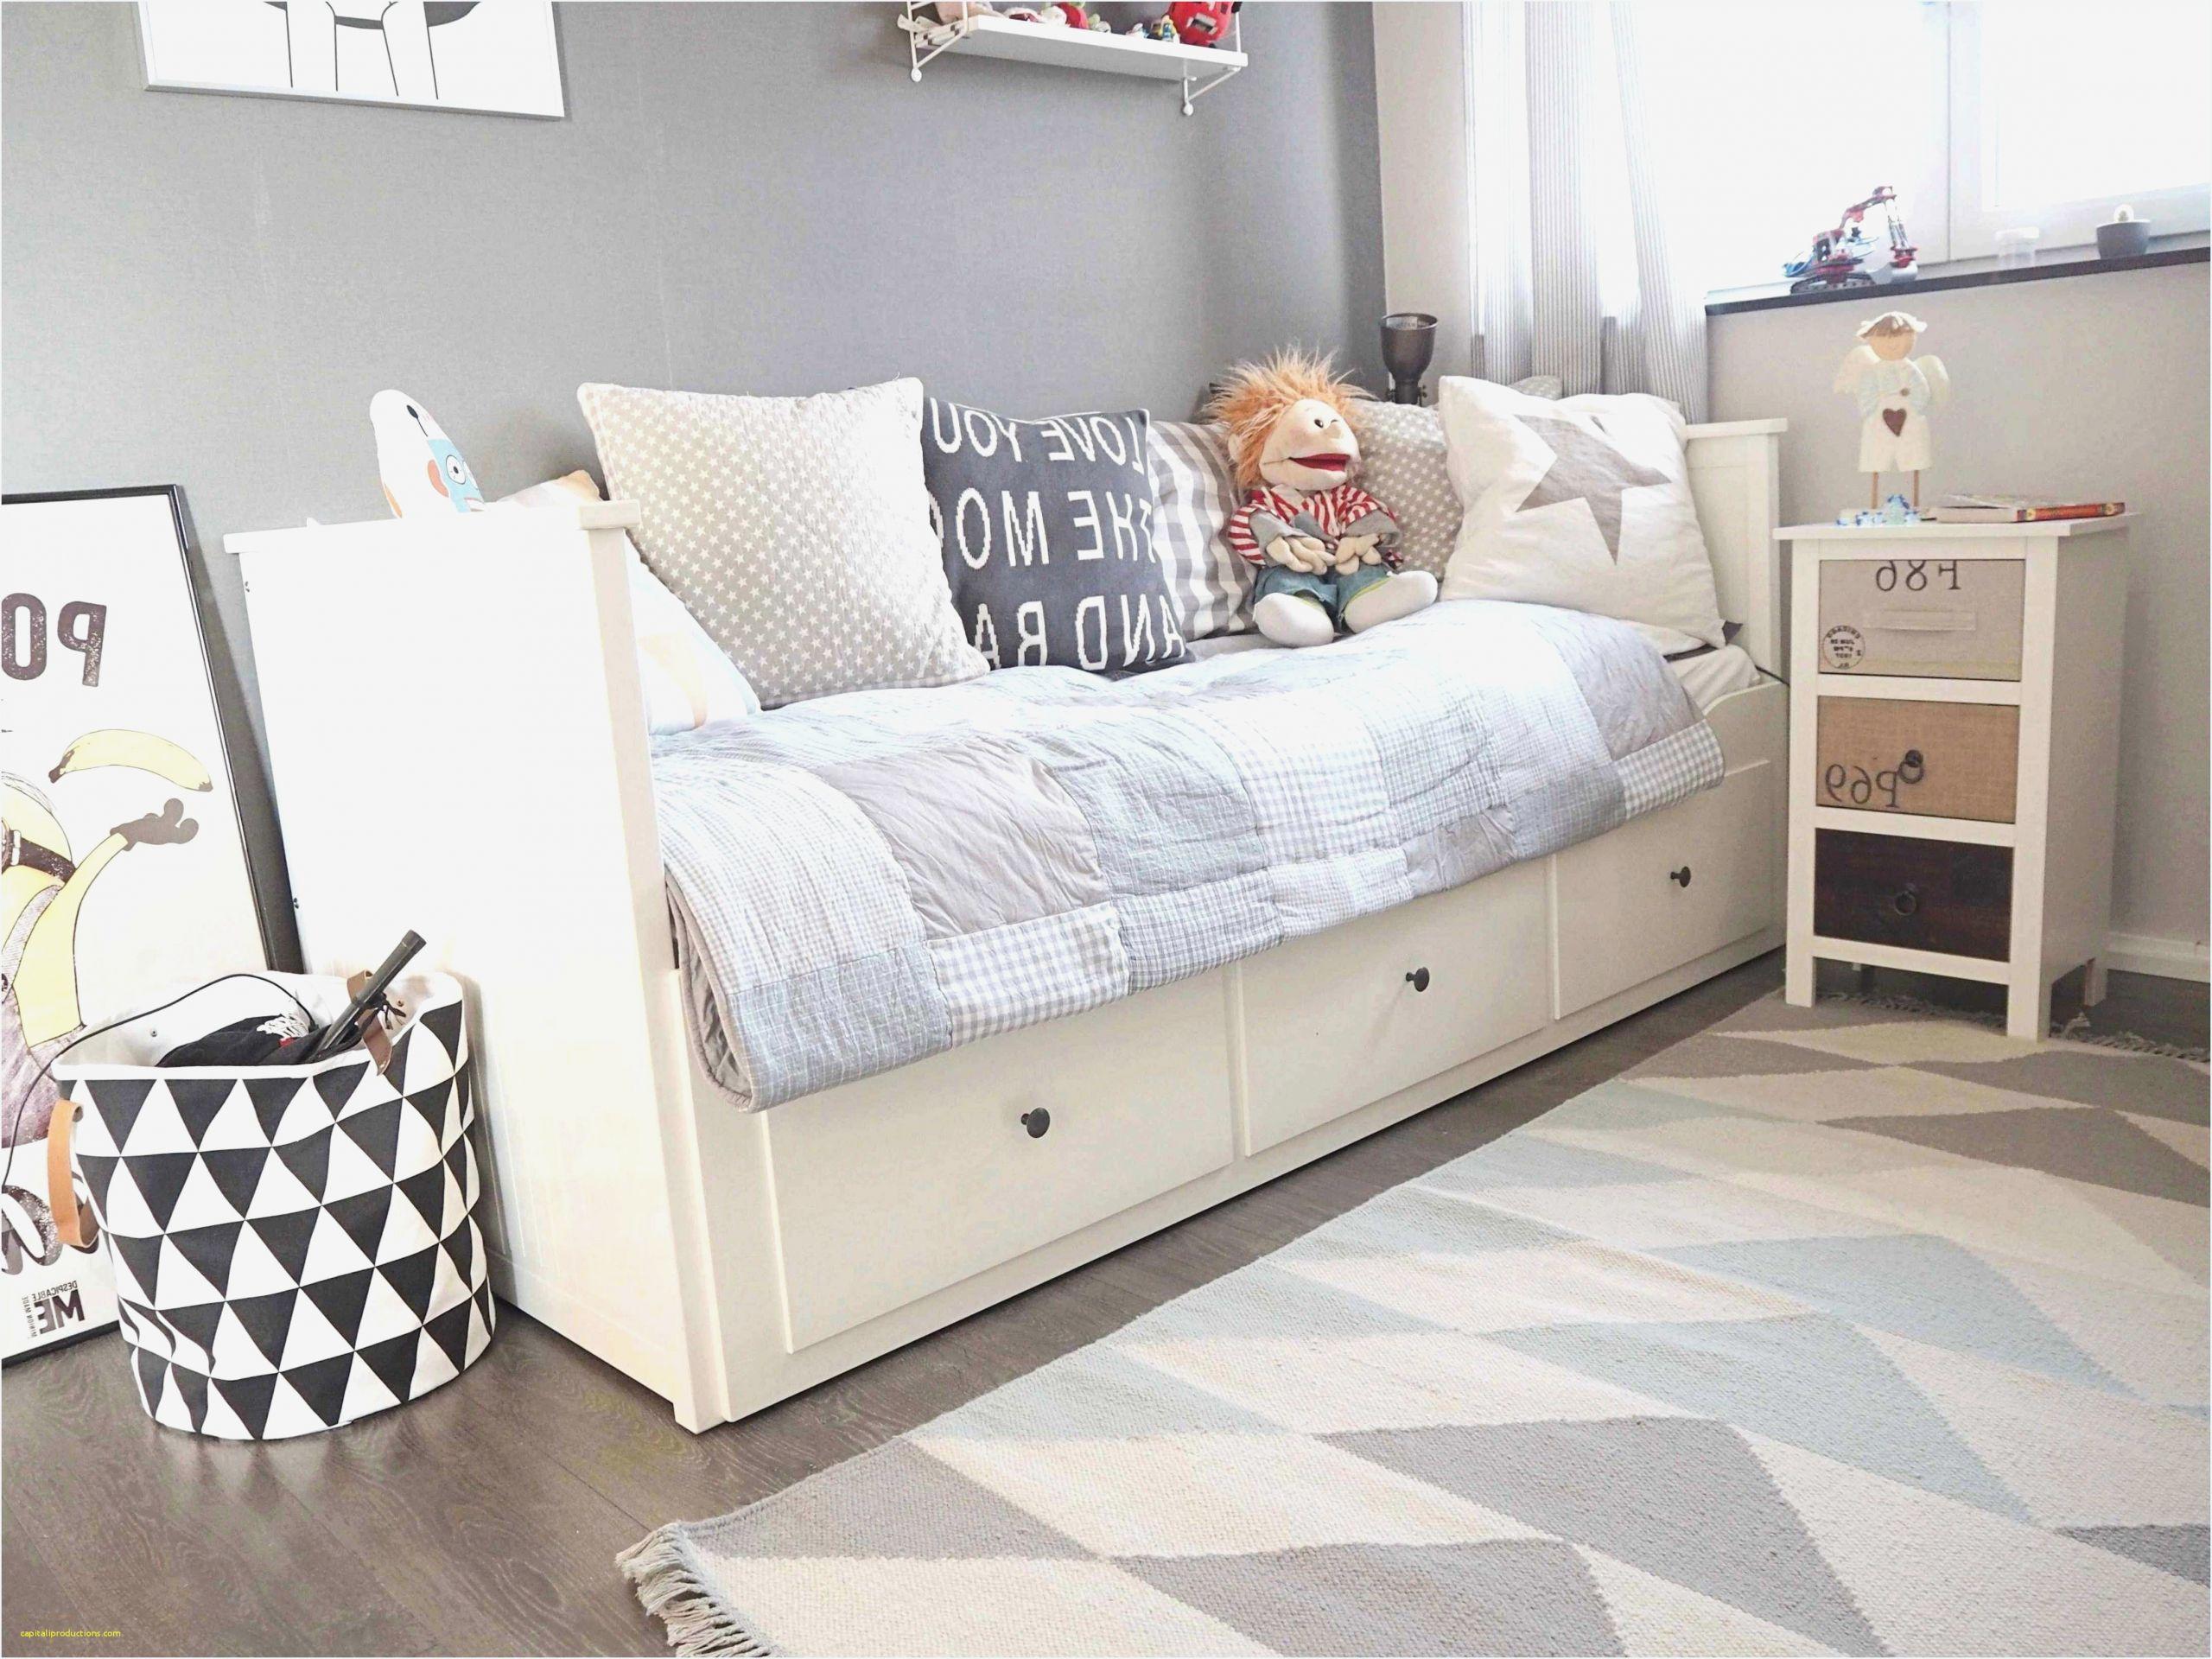 Full Size of Ikea Kinderzimmer Einrichten Traumhaus Dekoration Regale Regal Weiß Sofa Kinderzimmer Kinderzimmer Einrichtung